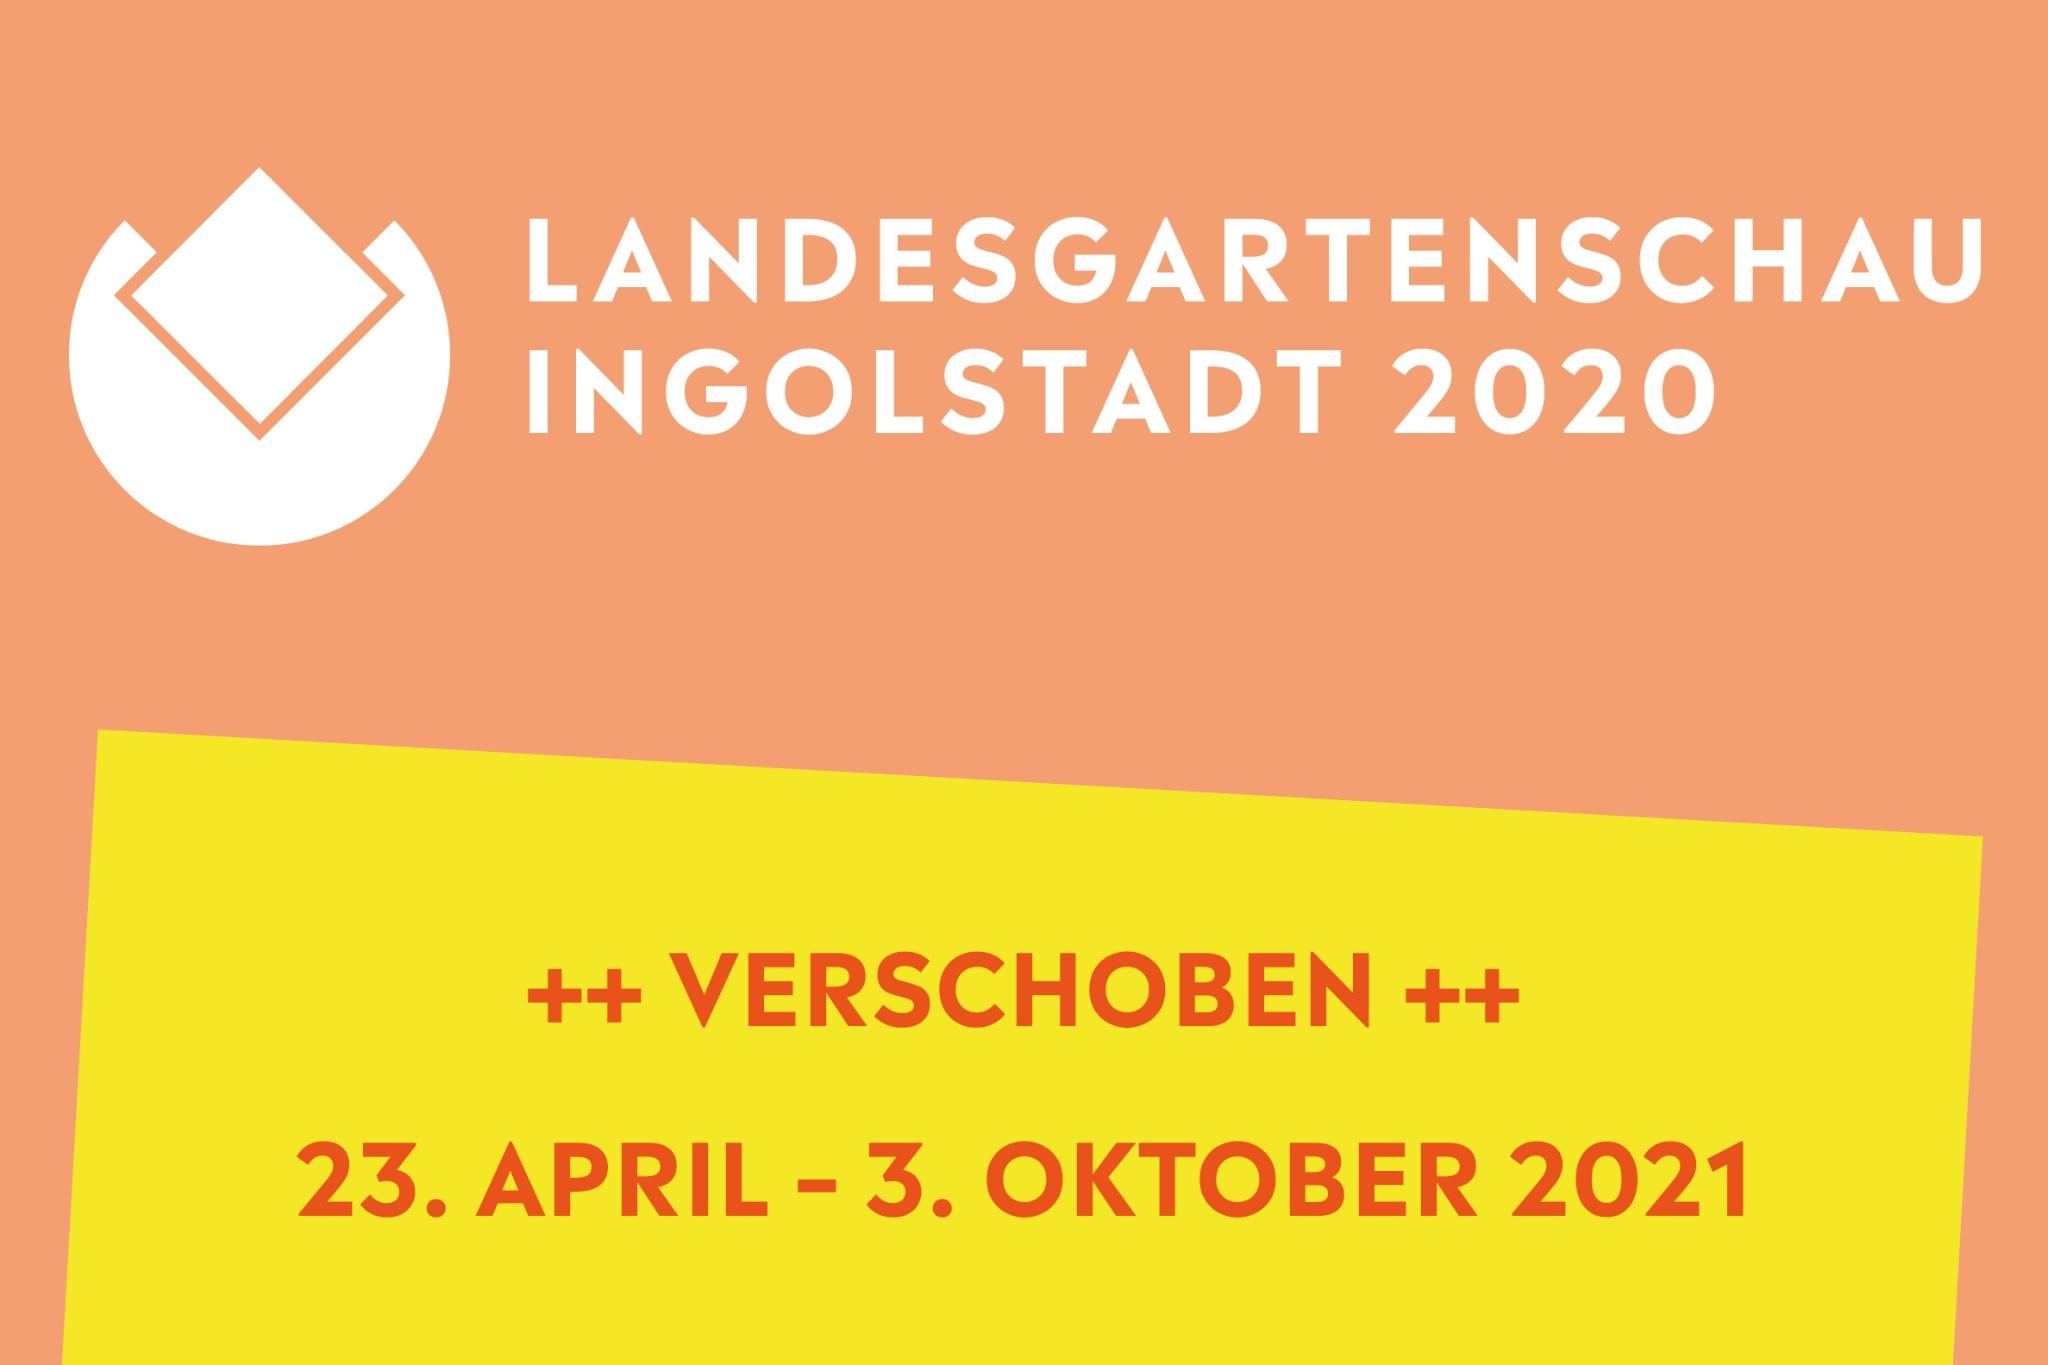 © Landesgartenschau Ingolstadt 2020 GmbH